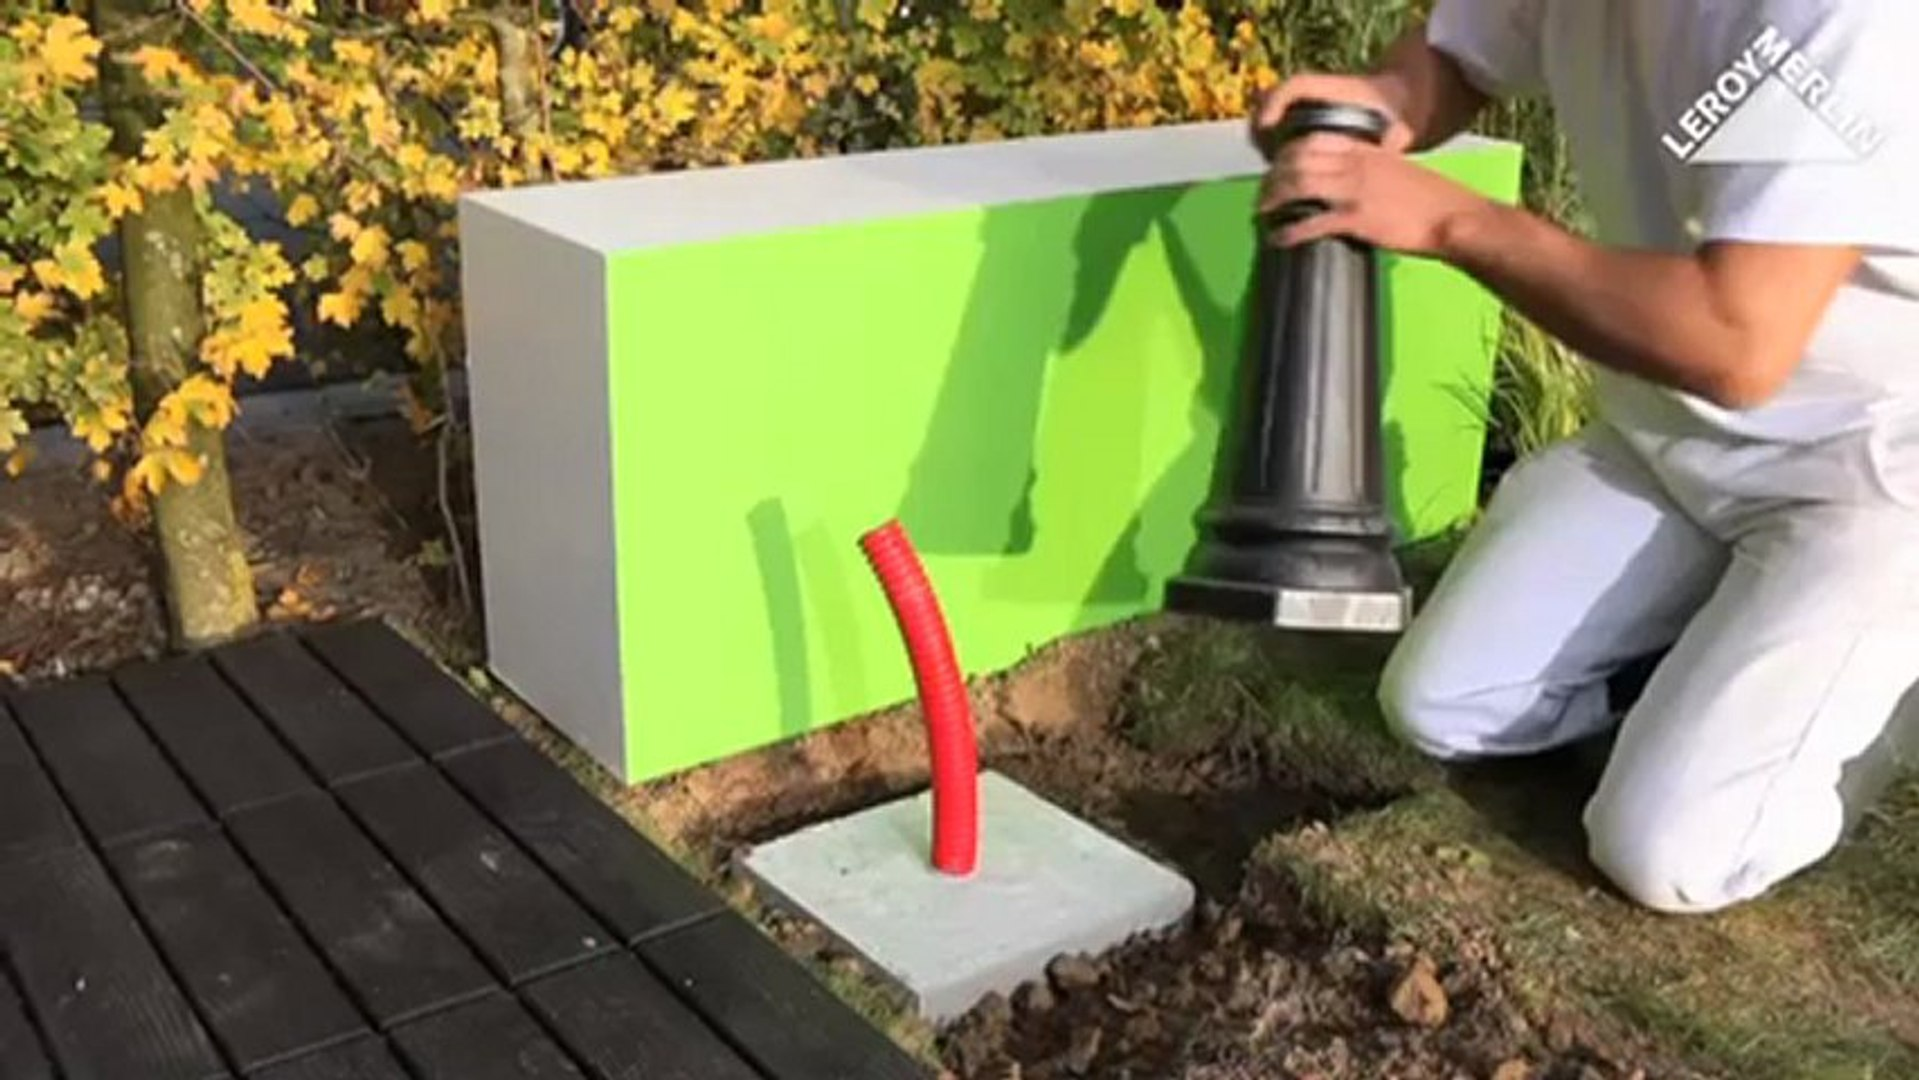 Comment Installer Un Eclairage Exterieur installer un éclairage au jardin, en vidéo